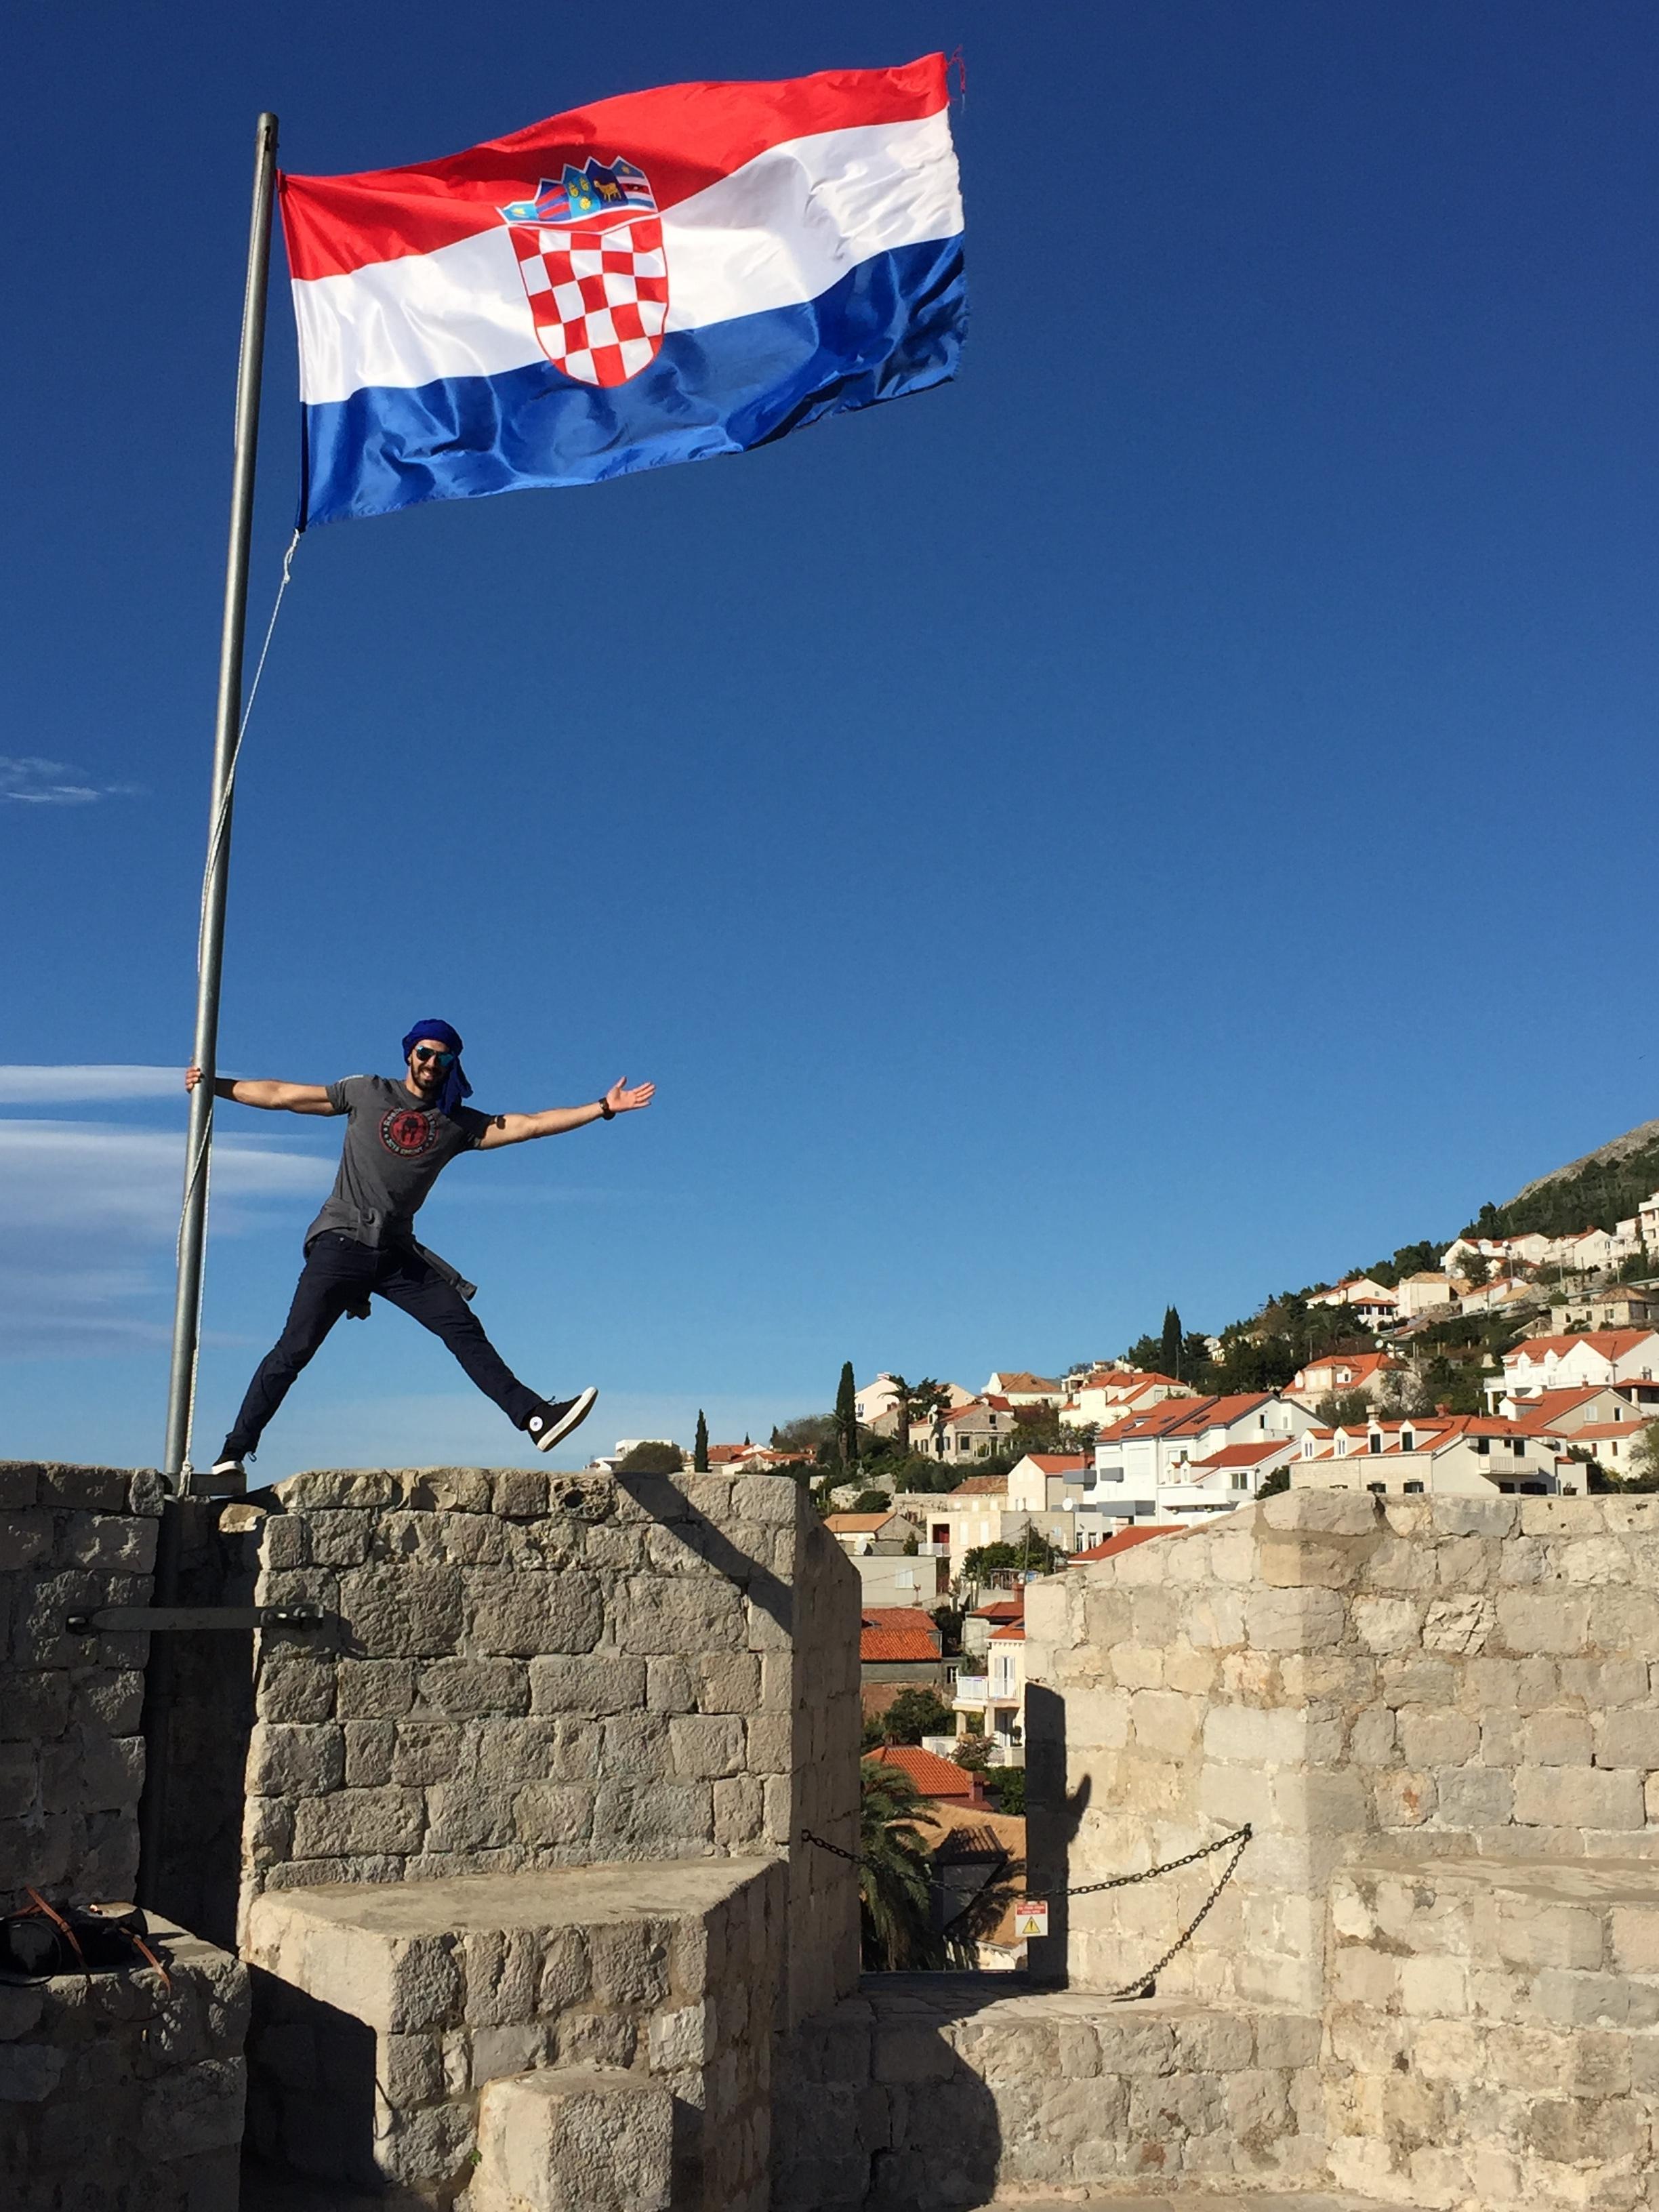 Gerry climbs errthang.